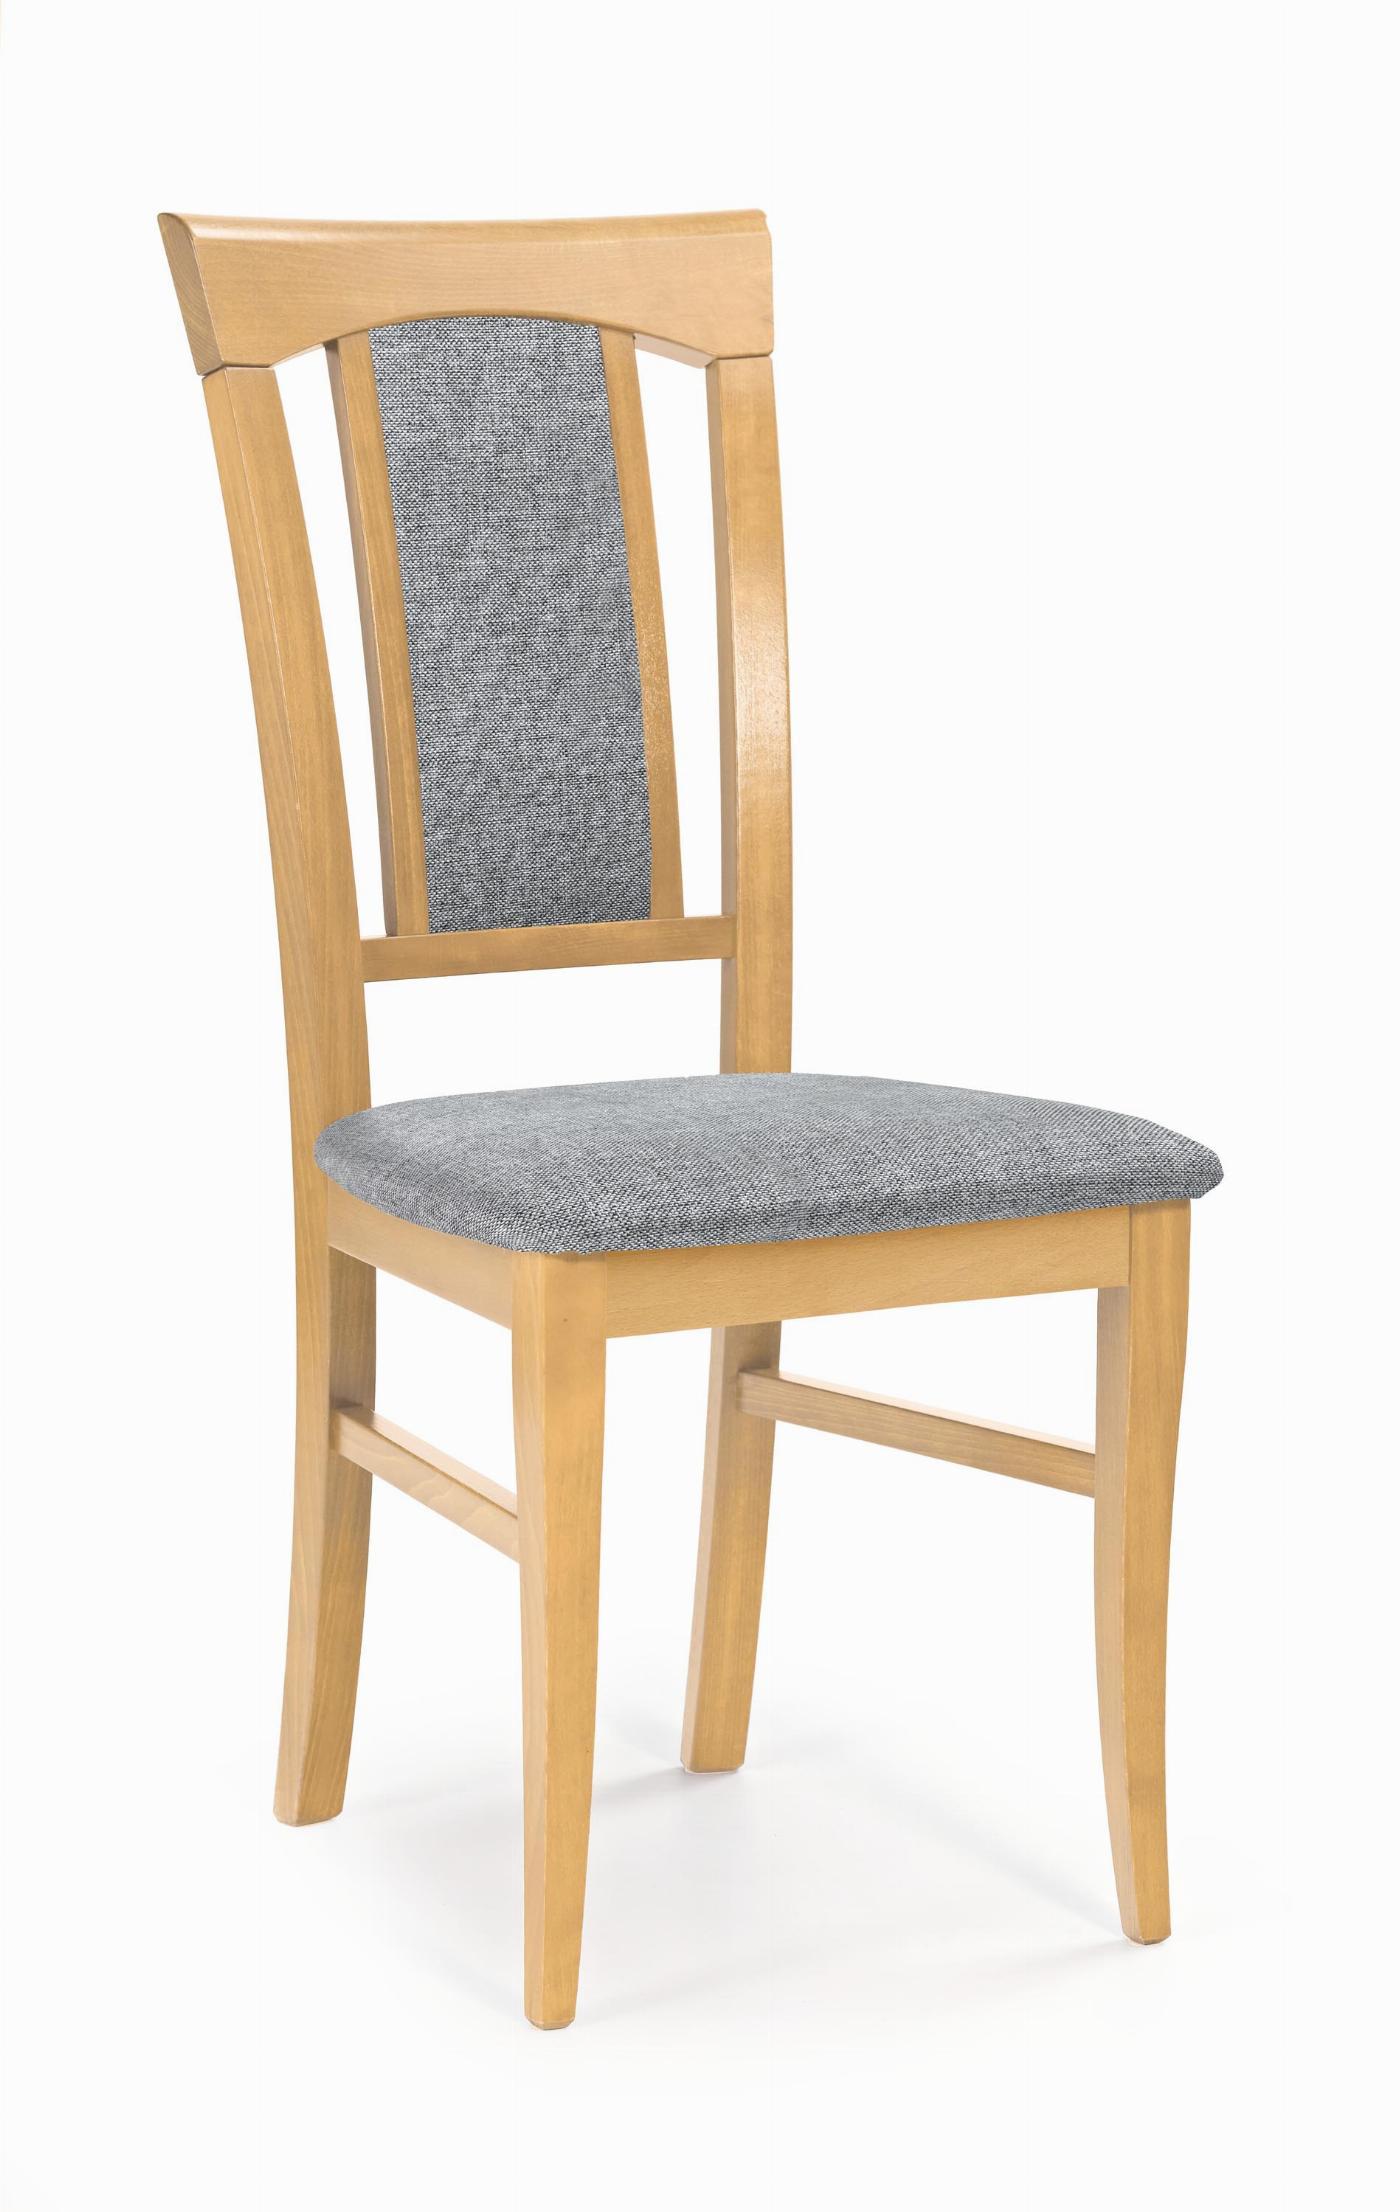 KONRAD krzesło dąb miodowy / tap: Inari 91 (1p=2szt)